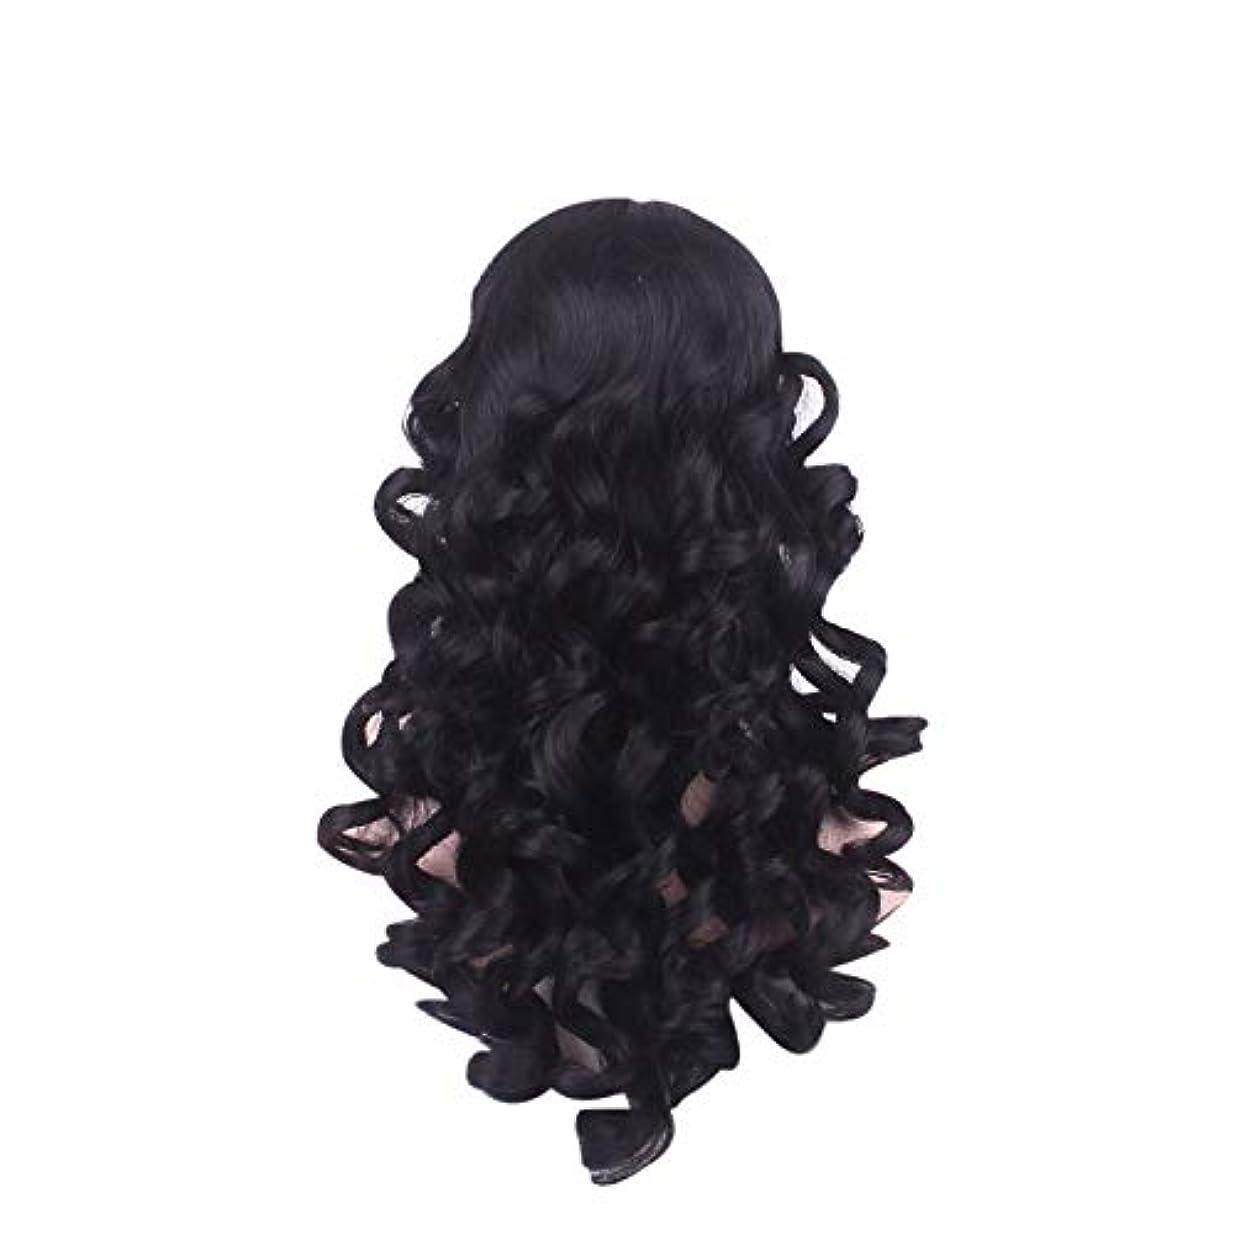 友だち動脈余韻女性の長い巻き毛のファッションかつらローズネット65 cm